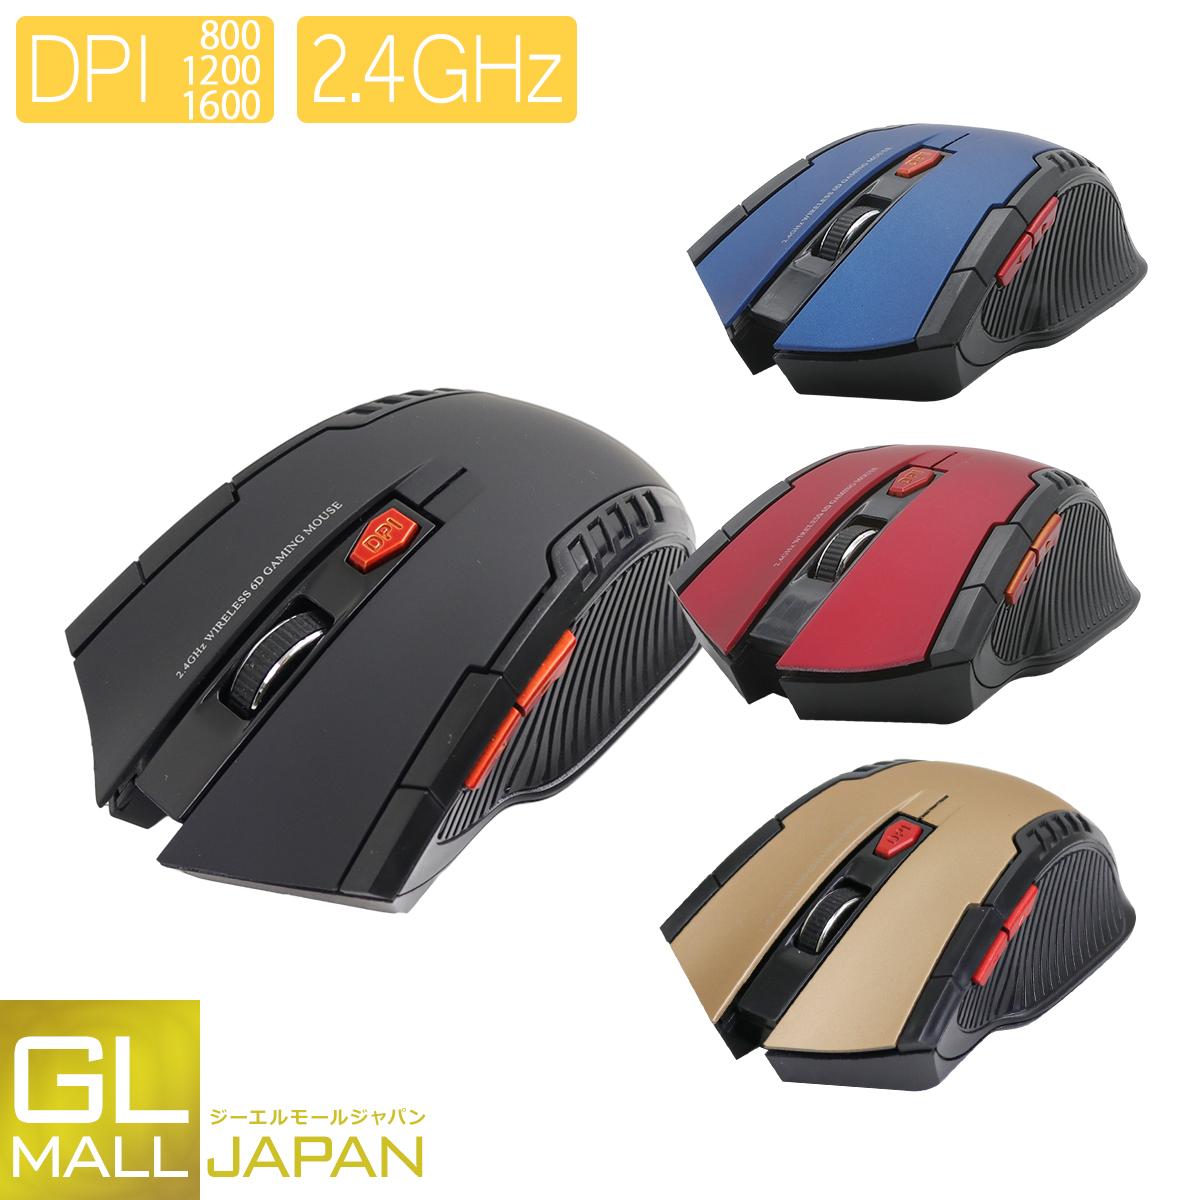 無線2.4GHz接続 コードレスで快適操作 定形外郵便 光学式ワイヤレスマウス 2.4GHz 供え 6ボタン カラー選択 黒 赤 往復送料無料 青 GAMING 小型 軽量 USB MOUSE 無線 パワーゲイザー